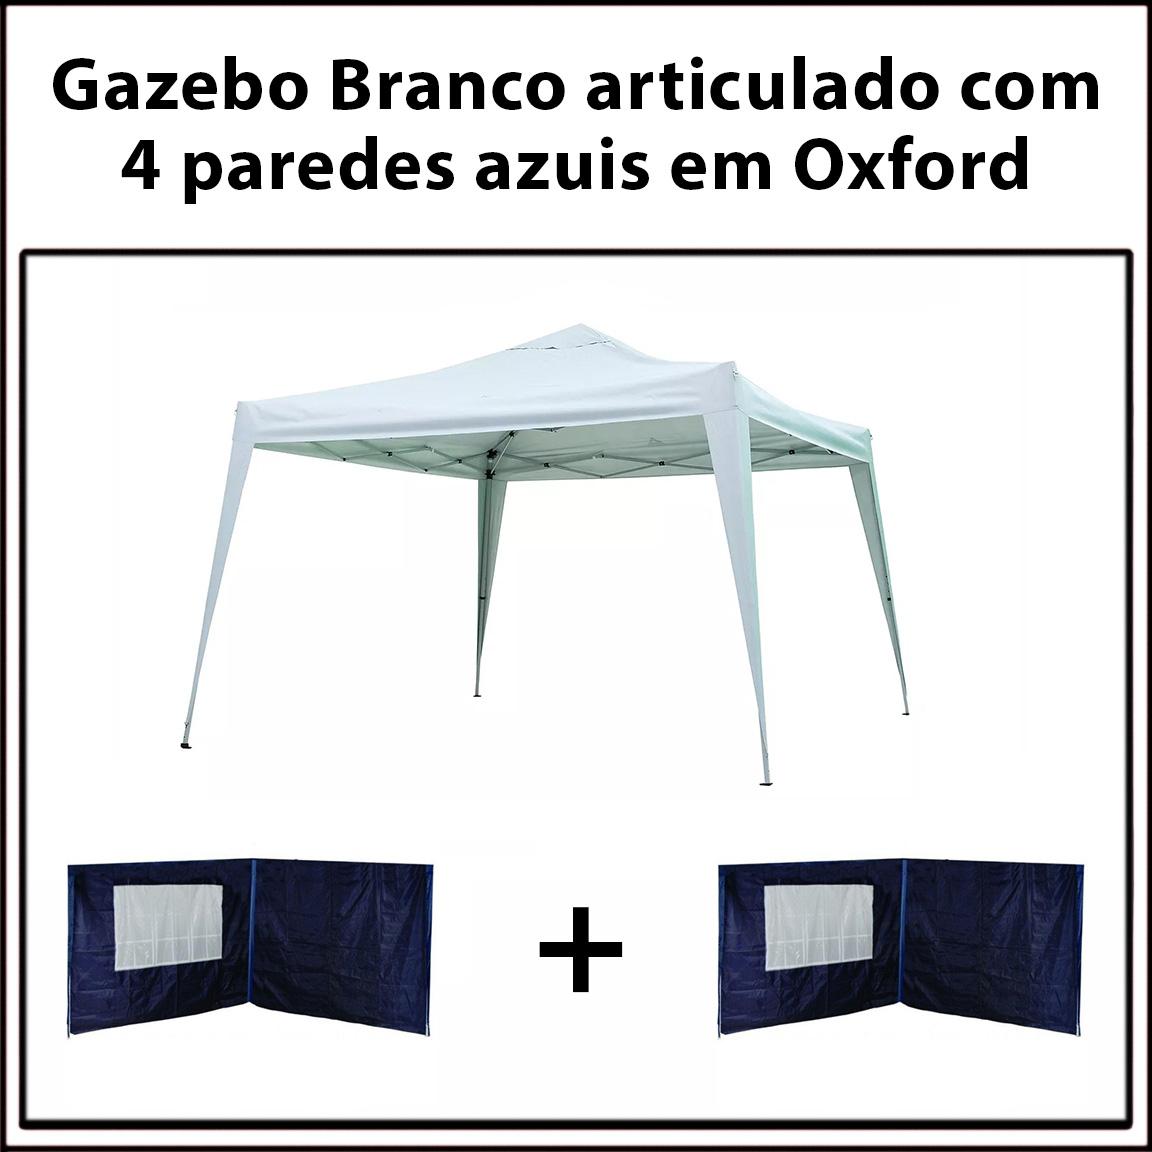 Gazebo 3x3 Articulado Branco em Aço + 4 Paredes Azuis de Oxford Eleva Mundi